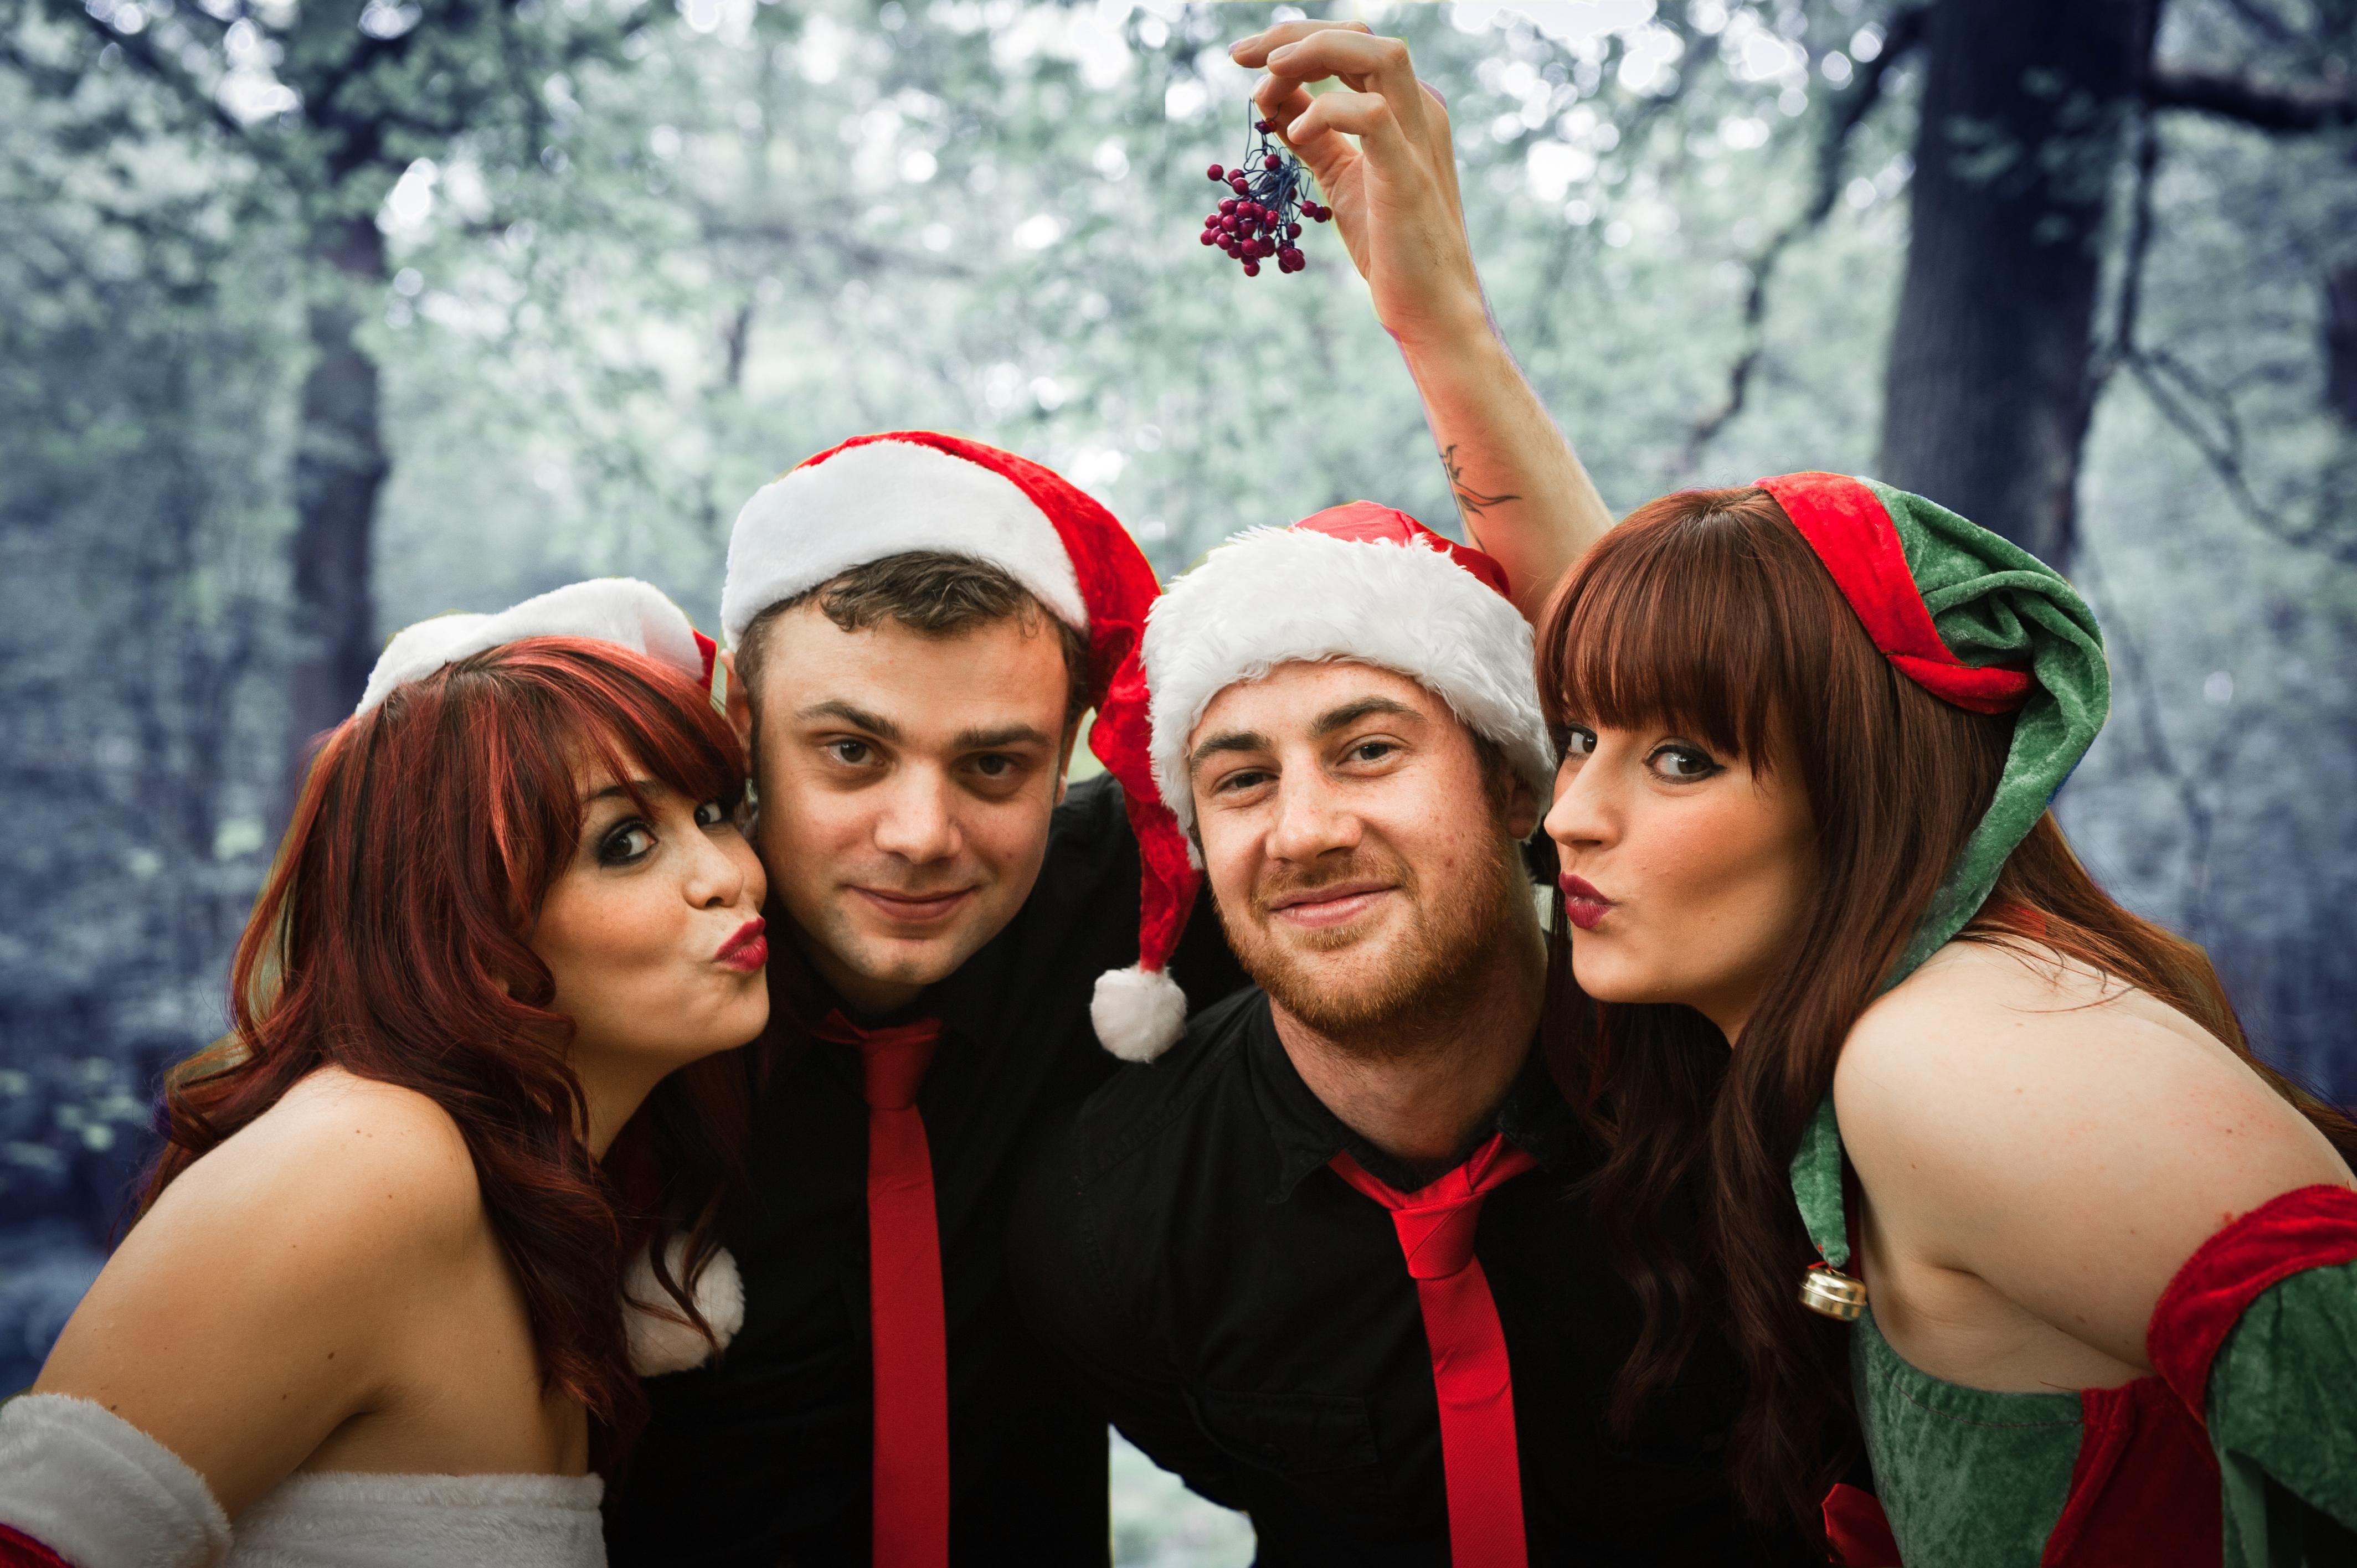 Crazy Christmas Band pic 2